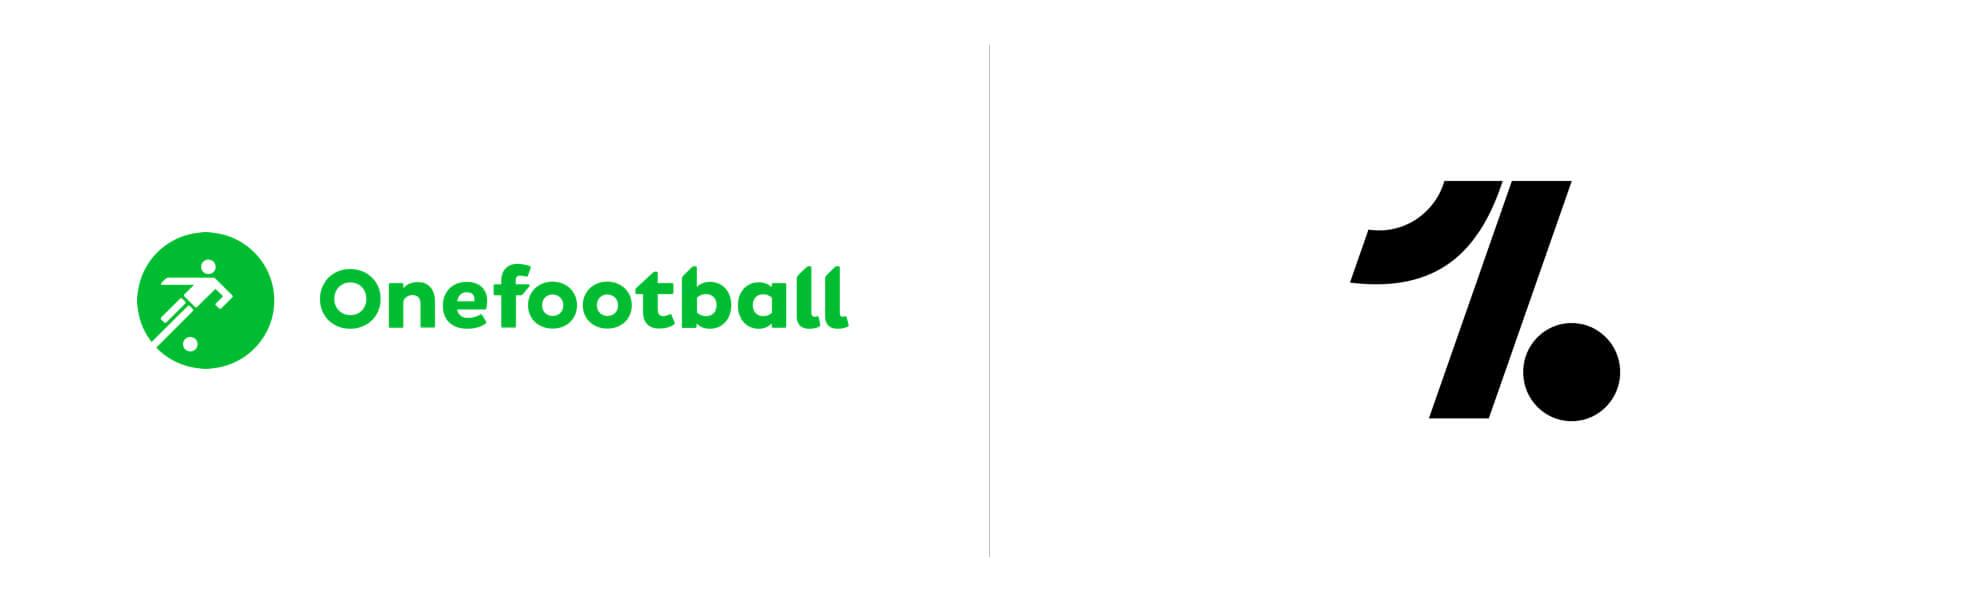 Onefootball odświeża wizerunek